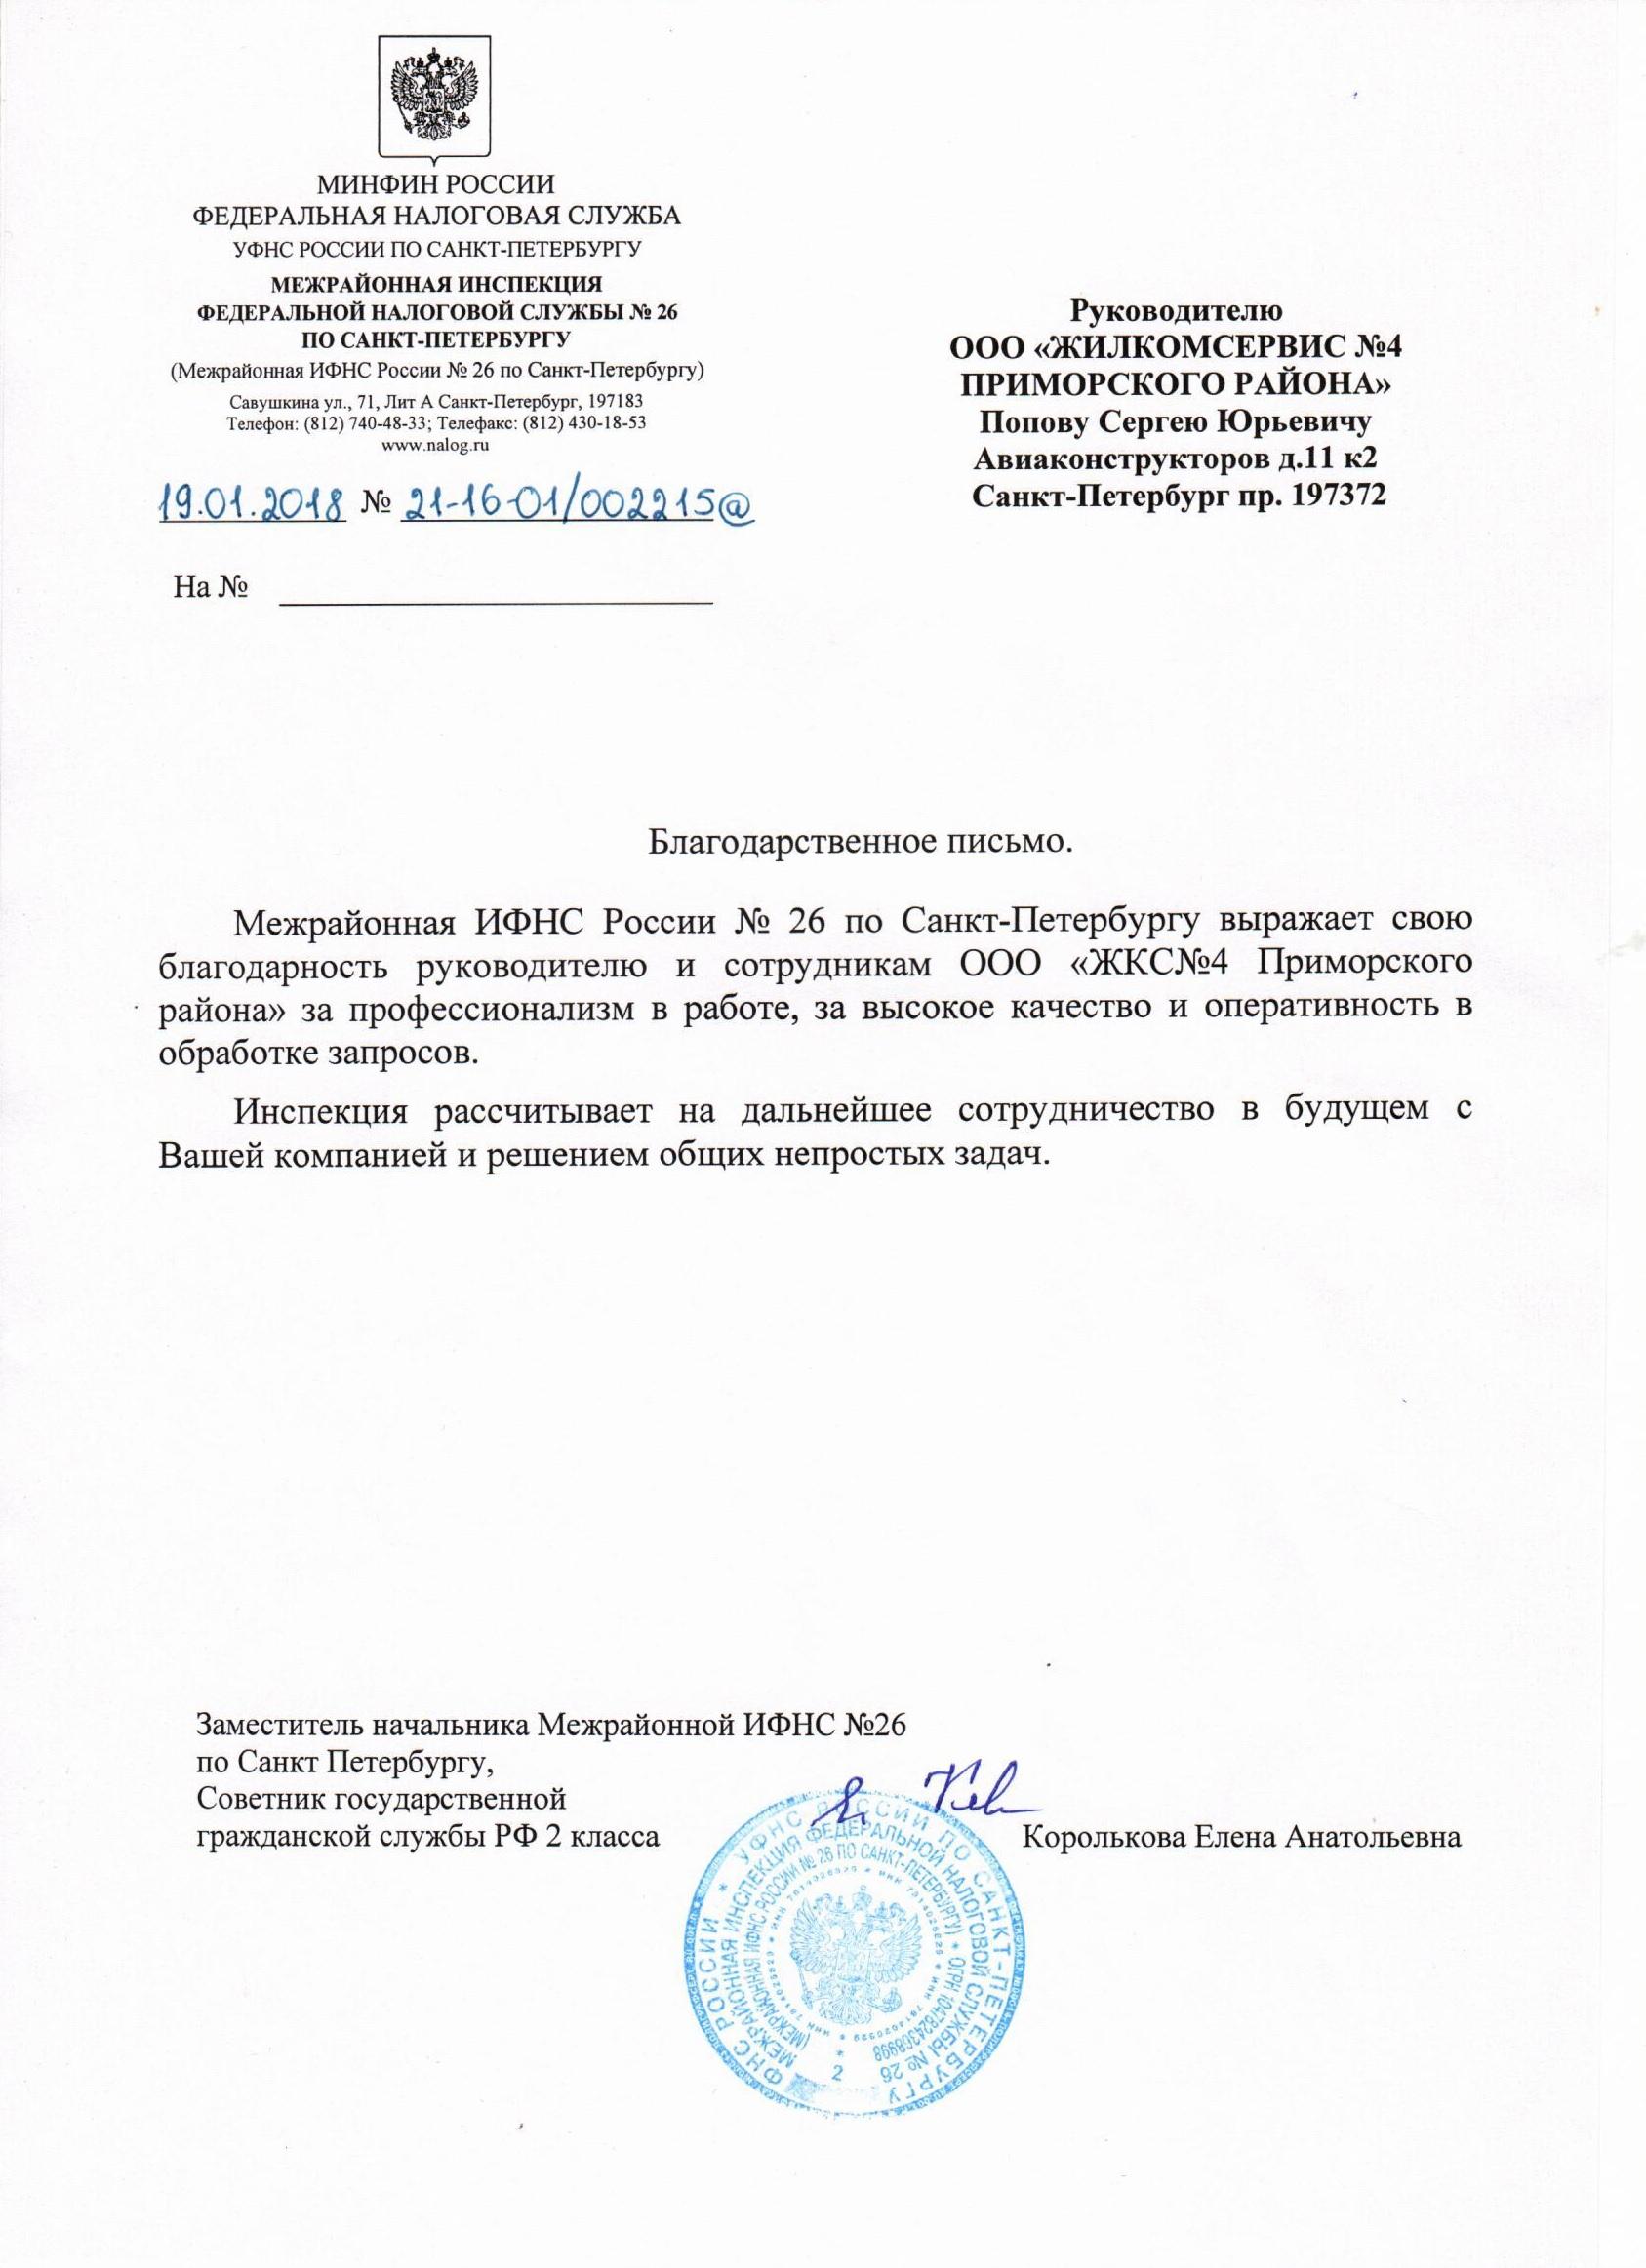 Новороссийский народный фронт. Присоединяйтесь!